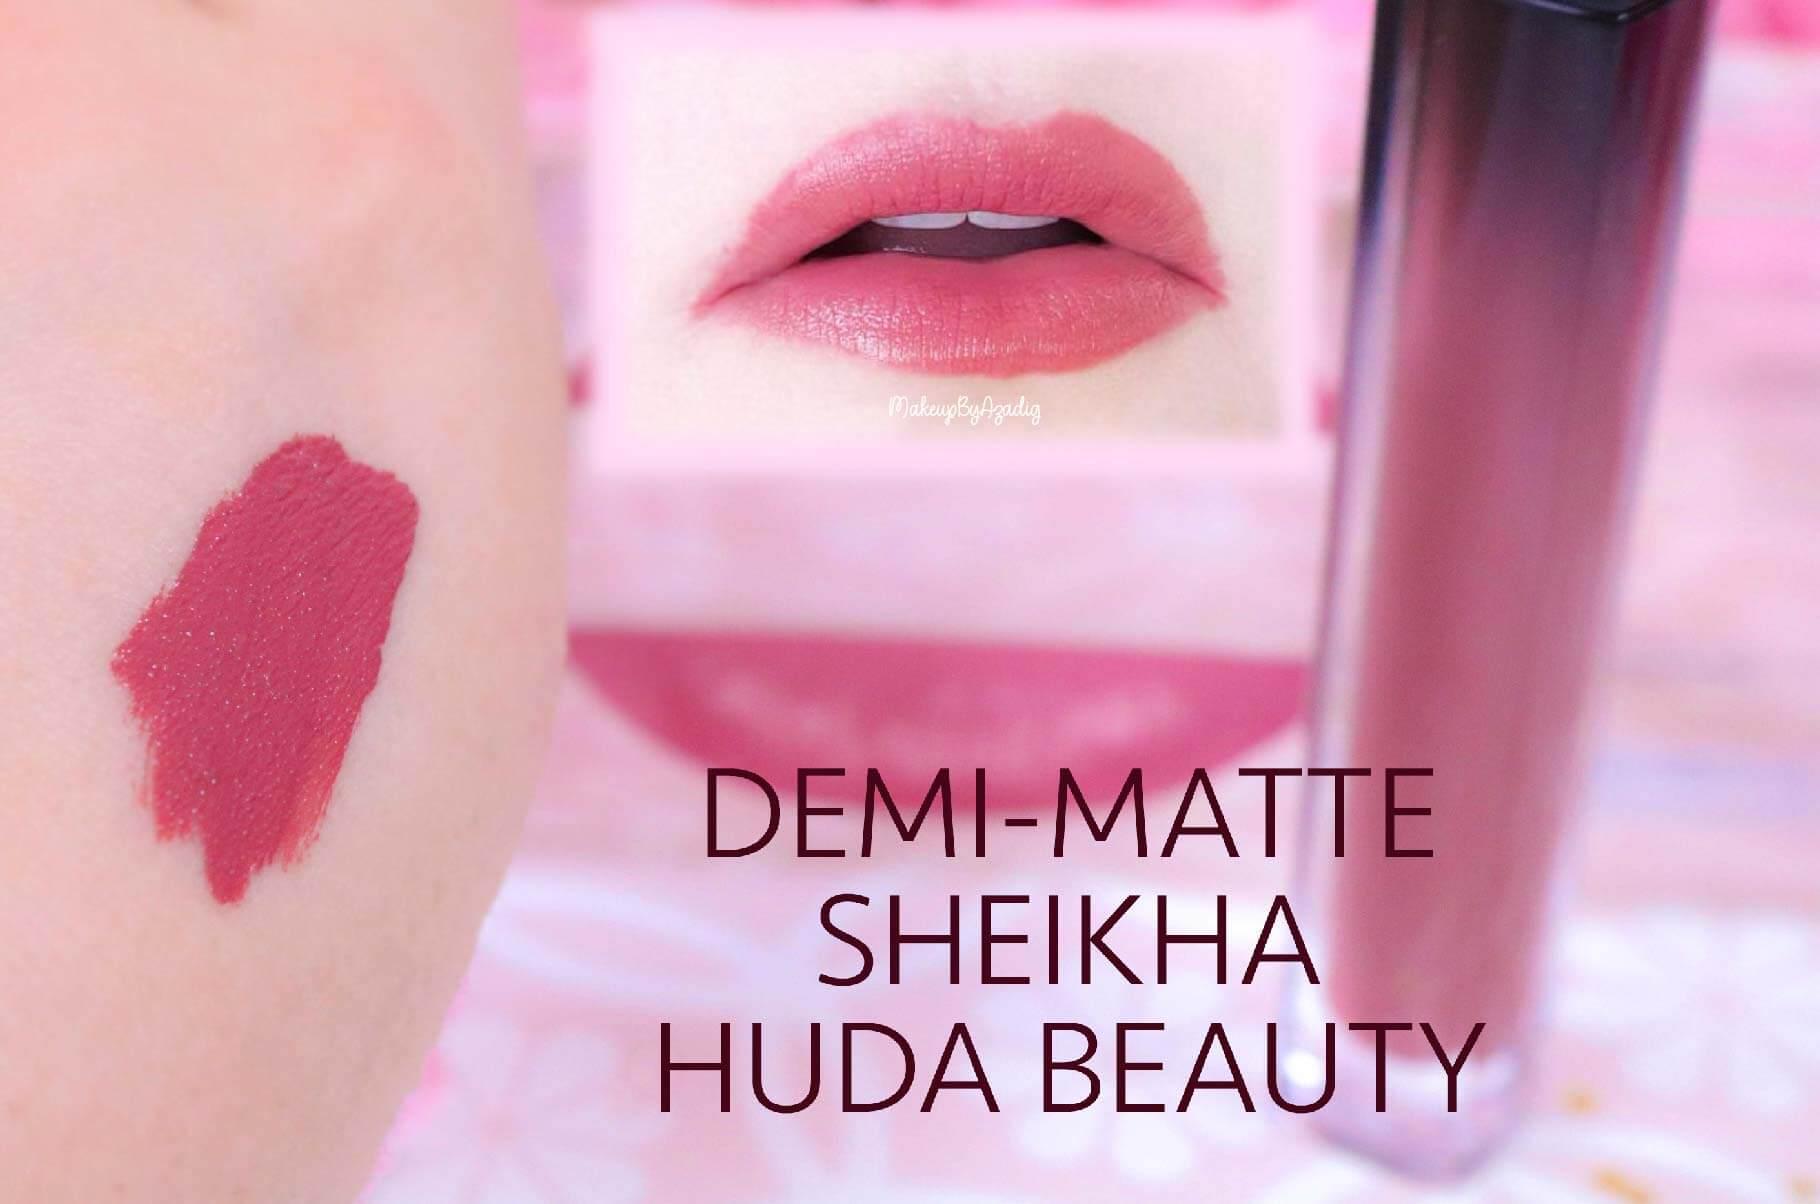 revue-marque-huda-beauty-rouge-a-levres-demi-matte-coffret-avis-prix-sheikha-makeupbyazadig-swatch-2